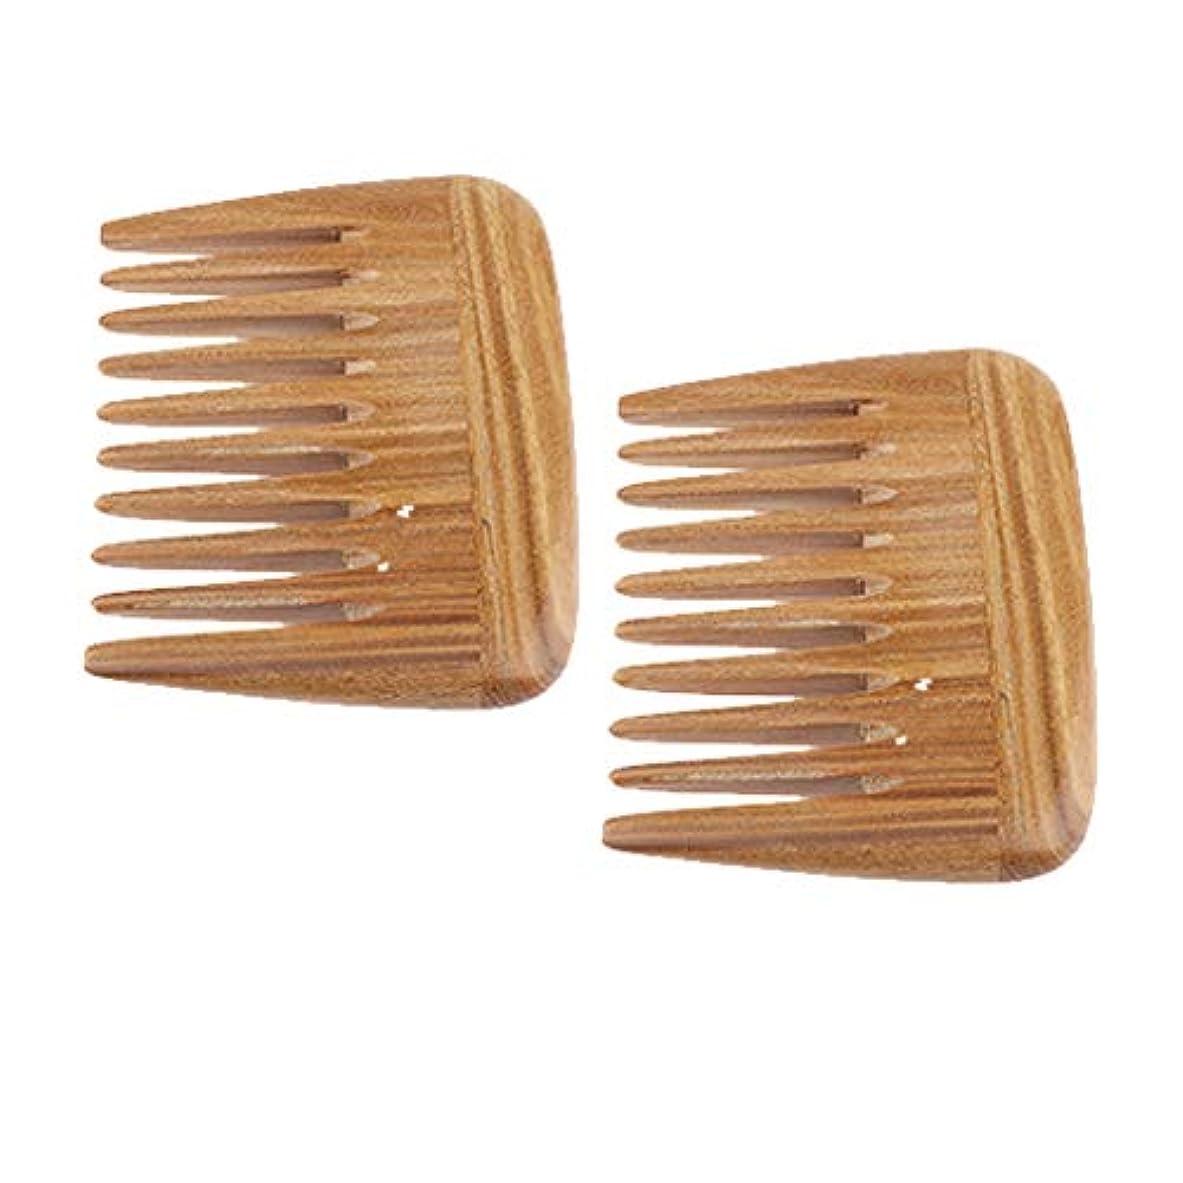 グローブスタンド曇った2個 静電気防止櫛 ポケット 広い歯 ヘアコーム 木製櫛 プレゼント